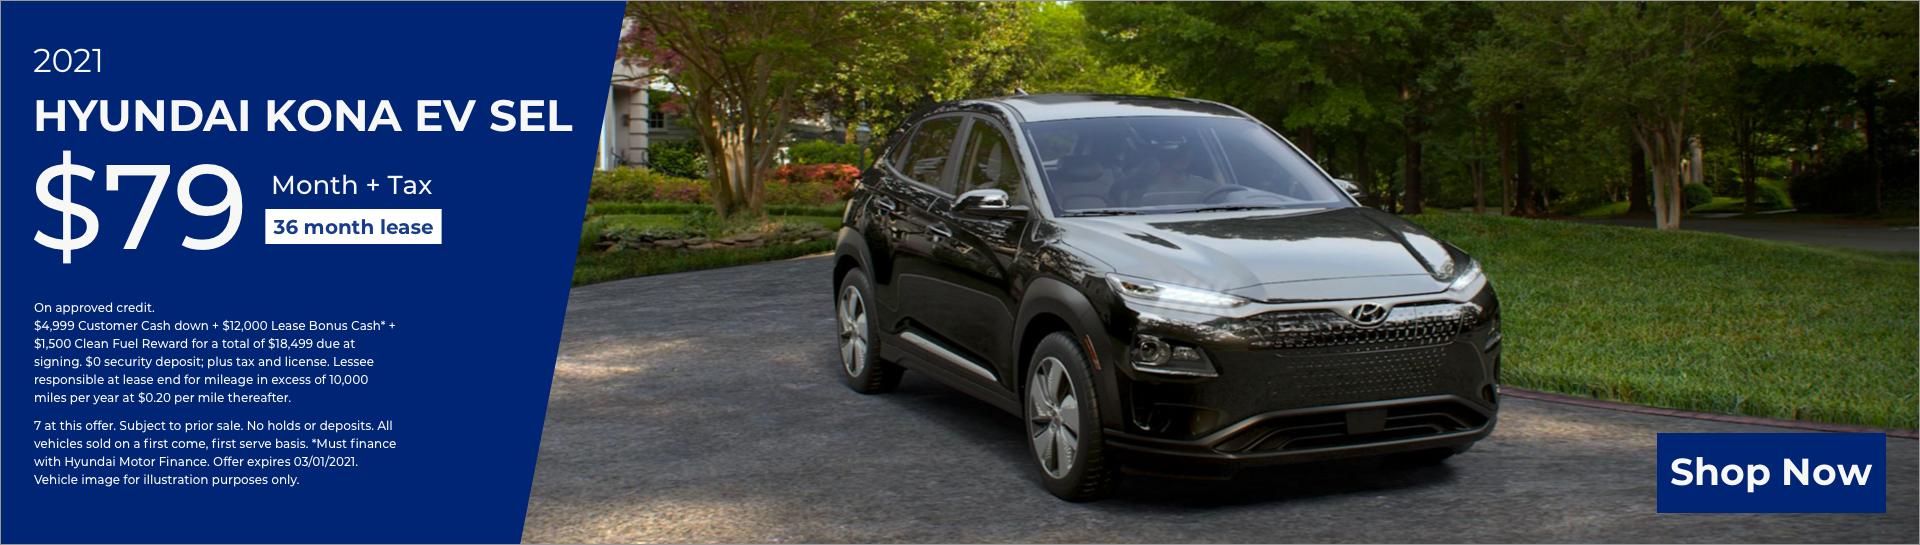 Feb 2021 Hyundai Kona